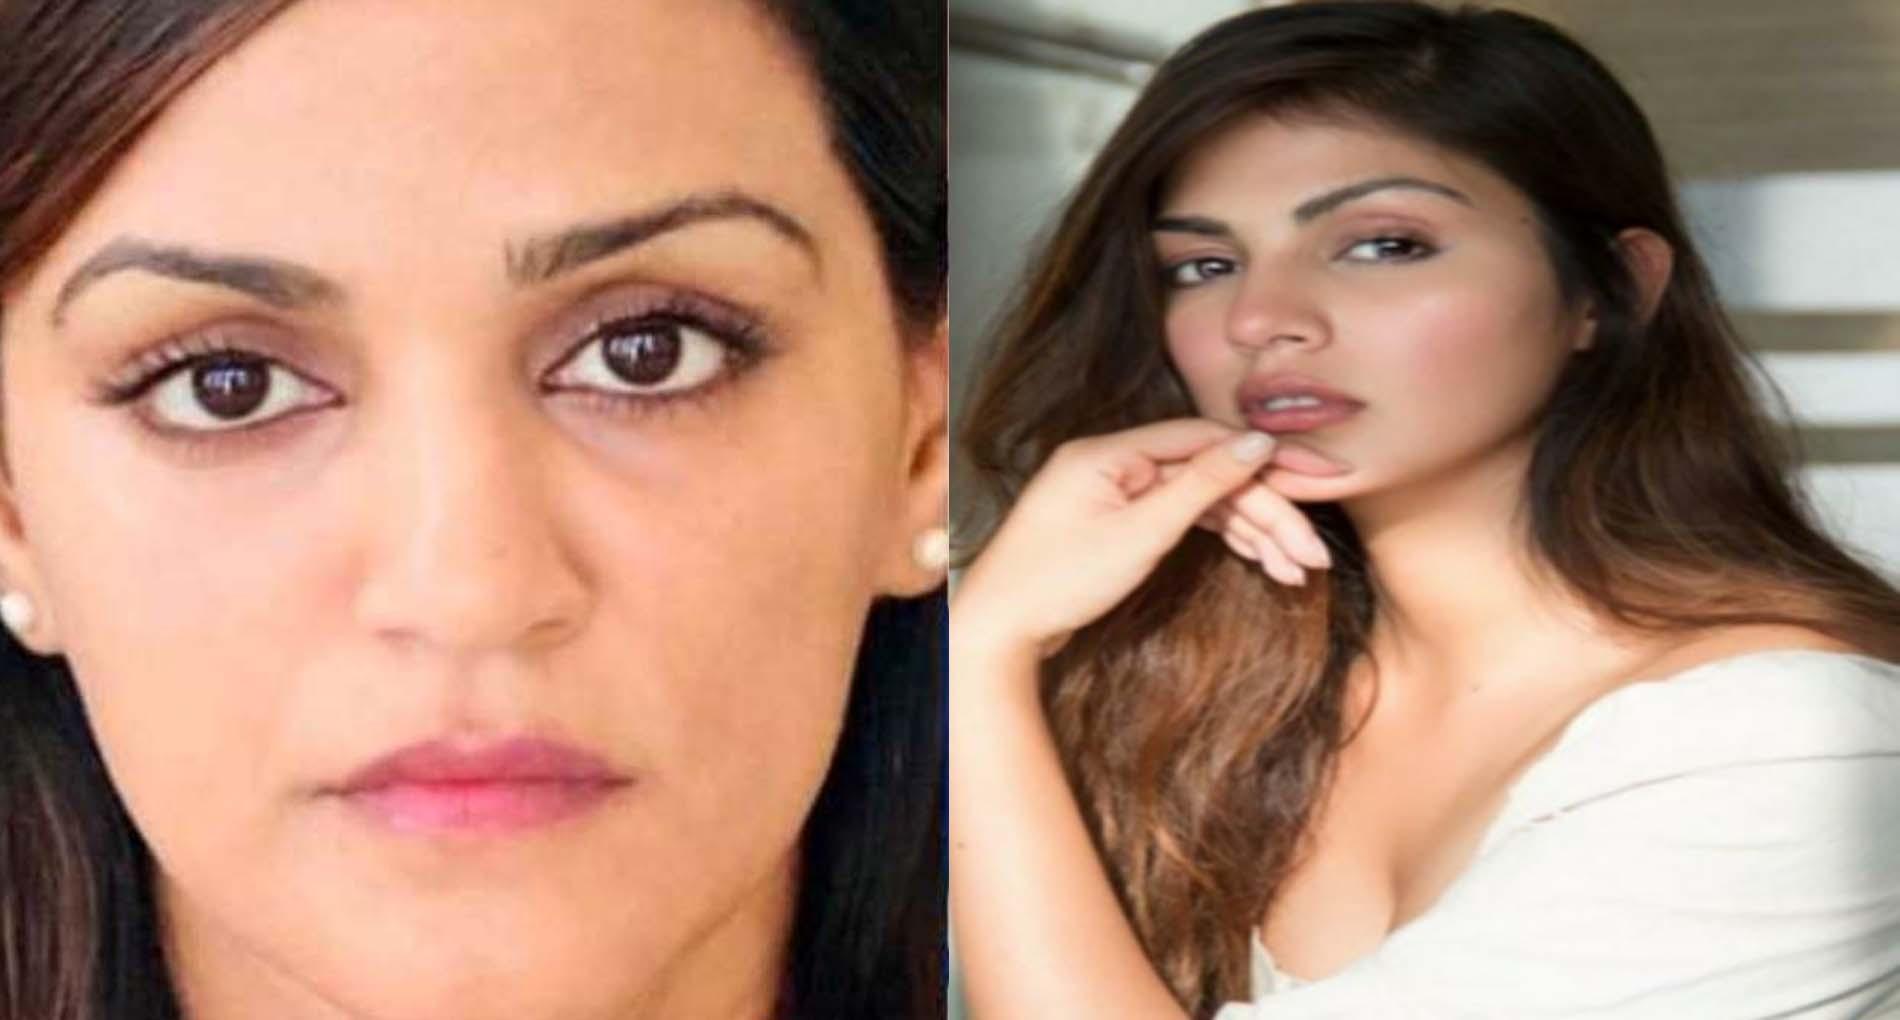 रिया की FIR पर सुशांत की बहन श्वेता ने दिया जवाब, कहा- 'रिया की झूठी FIR हमें तोड़ नहीं सकती'